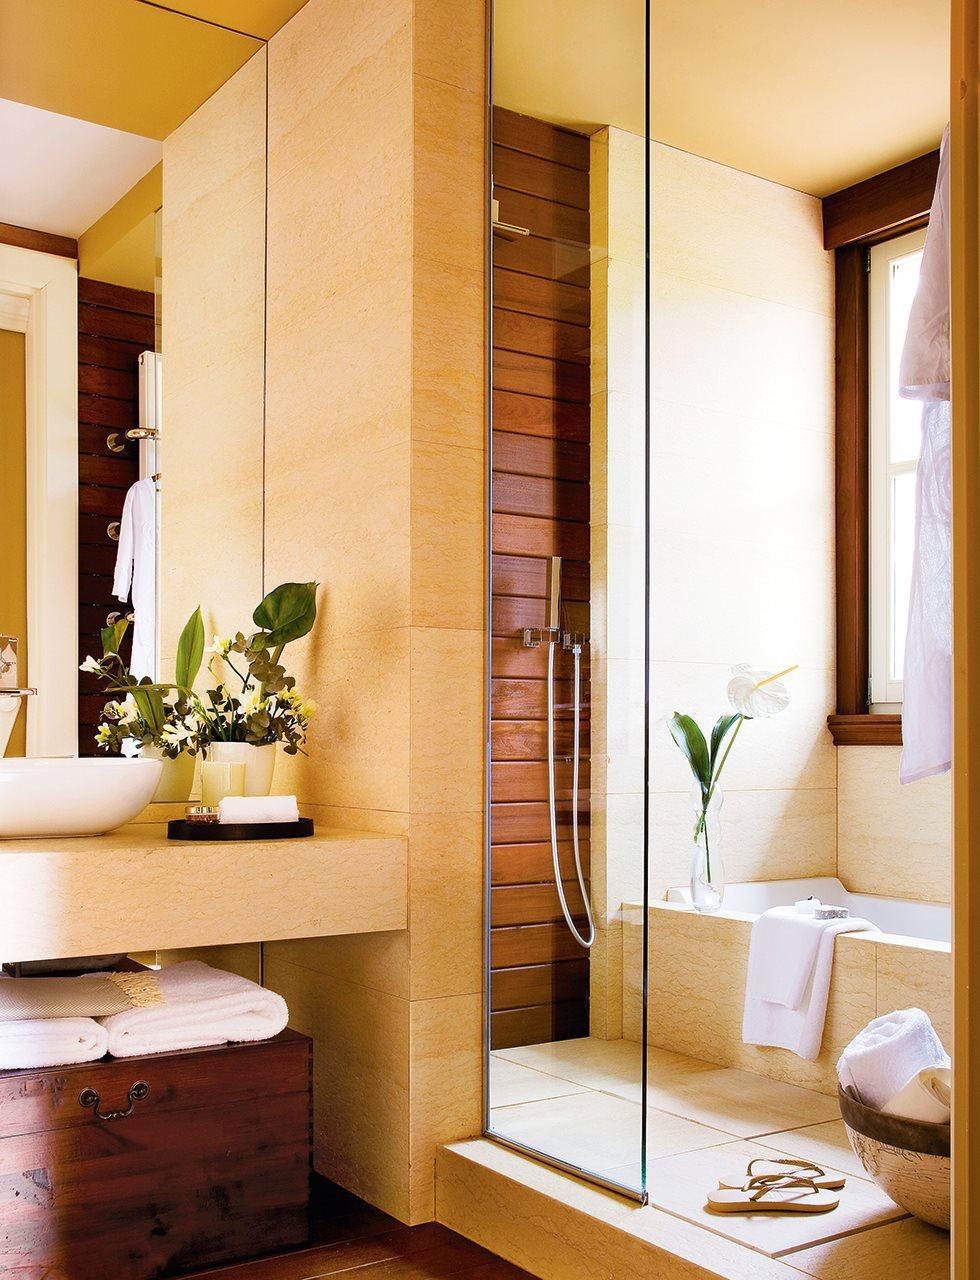 C mo meter la ducha en el ba o - Bano con banera y ducha ...